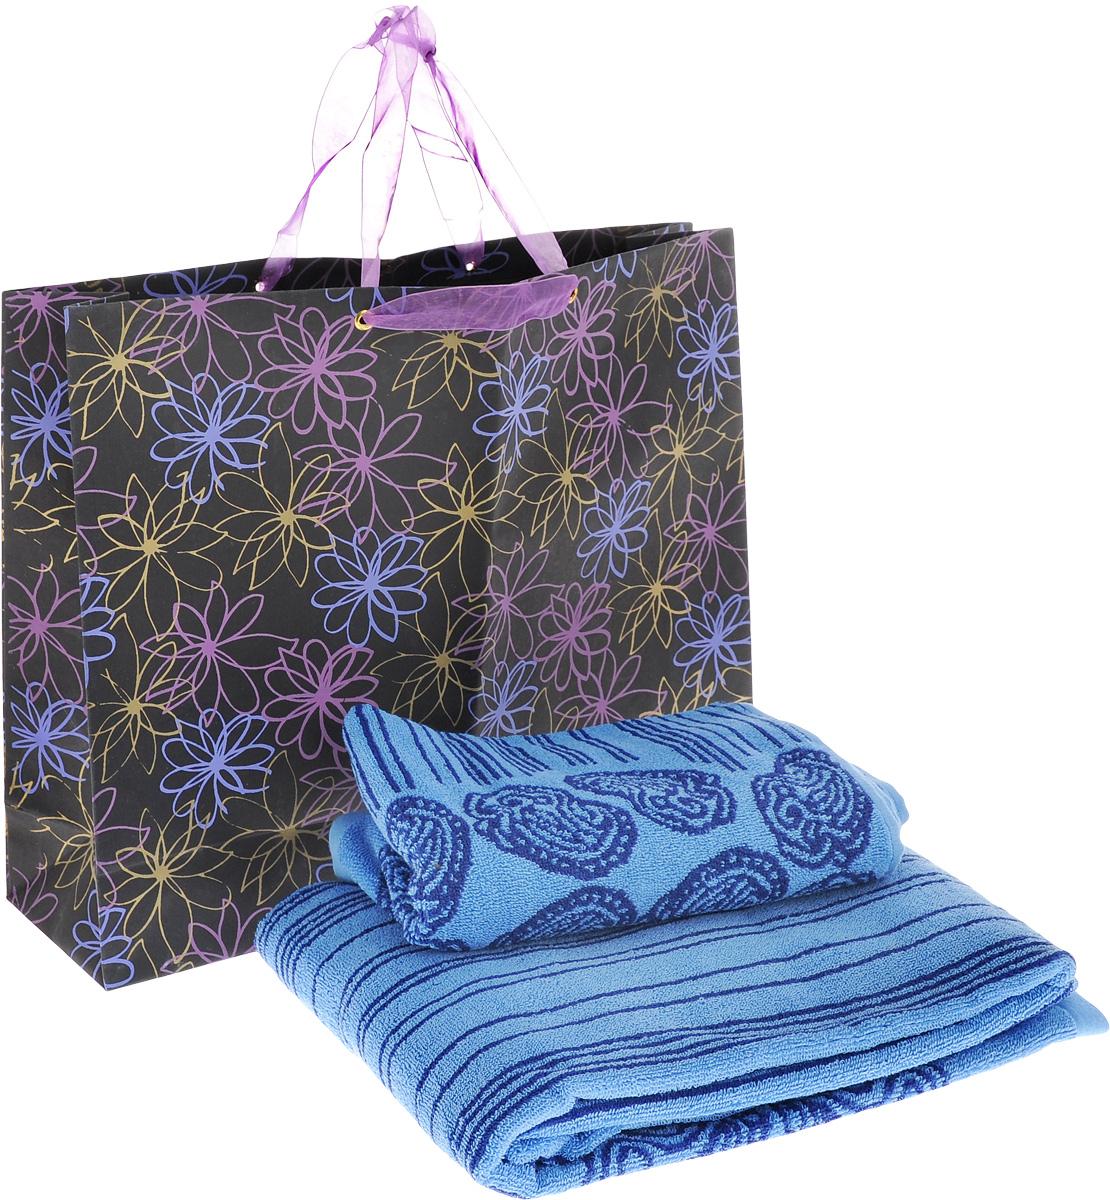 Набор махровых полотенец Toalla Аква, цвет: синий, 2 шт00000000019-2Набор Toalla Аква состоит из двух полотенец, выполненных из натуральной махровой ткани (100% хлопка). Изделия отлично впитывают влагу, быстро сохнут, сохраняют яркость цвета и не теряют формы даже после многократных стирок. Полотенца Toalla Аква очень практичны и неприхотливы в уходе. Они создадут прекрасное настроение и украсят интерьер в ванной комнате. Набор упакован в подарочный пакет и послужит приятным и полезным подарком. Комплектация: 2 шт.